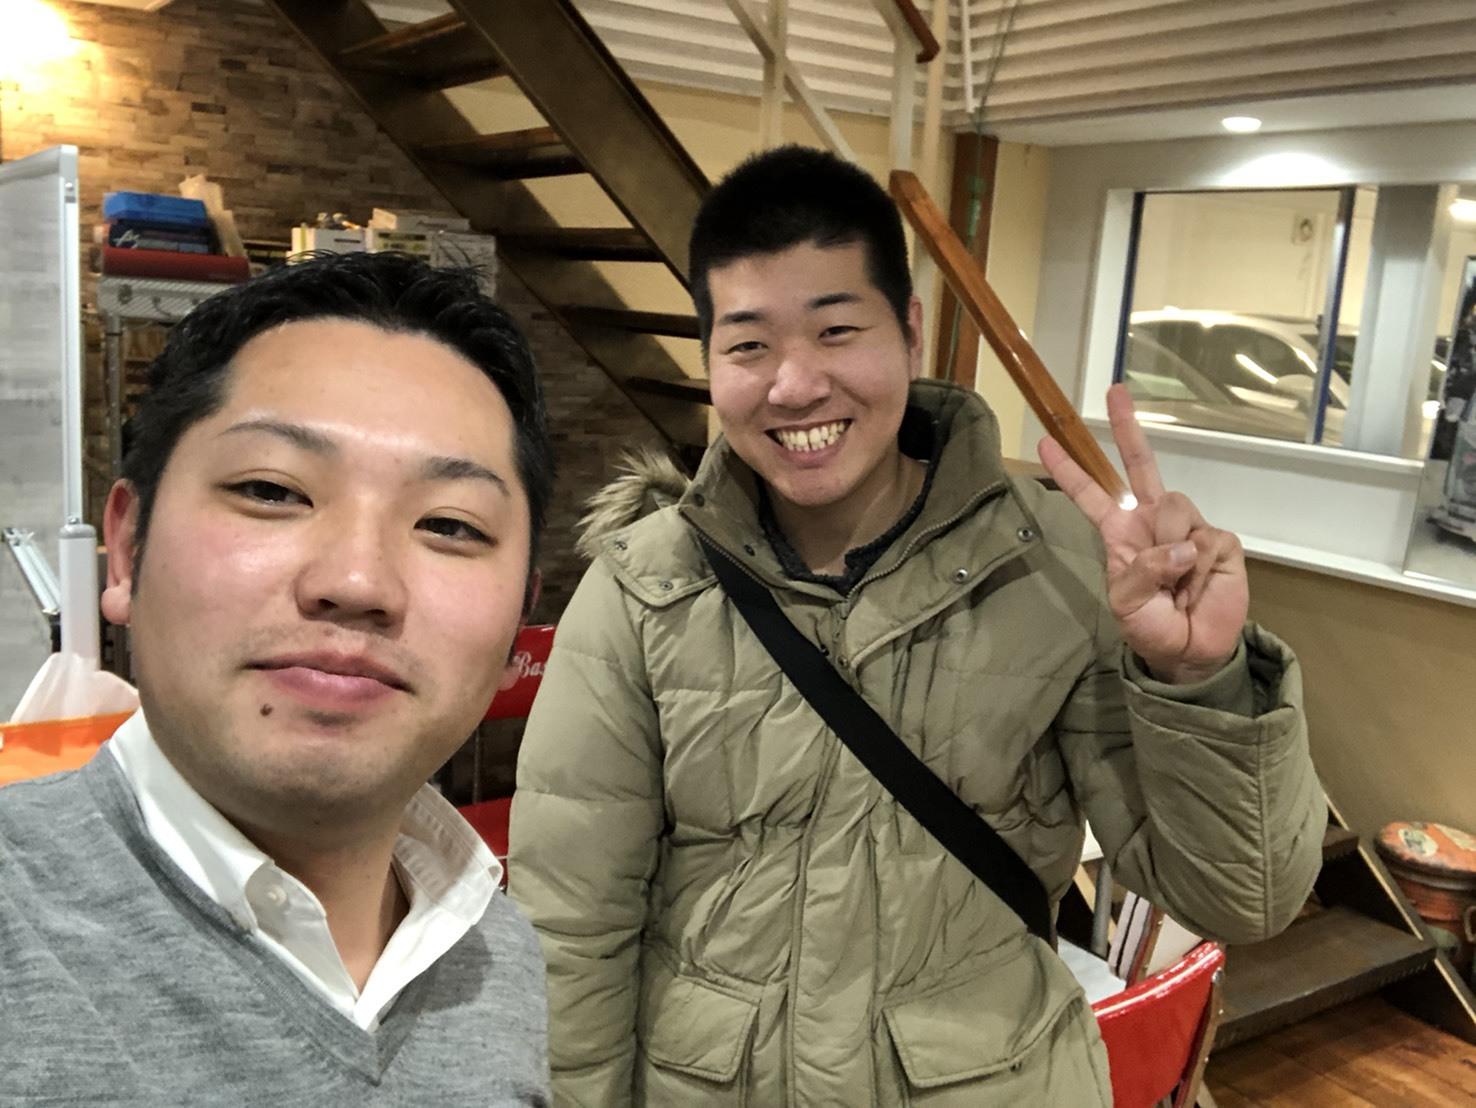 12月17日(火)トミーベースブログ☆レクサス♬LS460🎶LS600🎶フーガ♬スバル☆フォレスター☆レガシィ☆限定車🎶自社ローン♬ローンサポート_b0127002_19582735.jpg